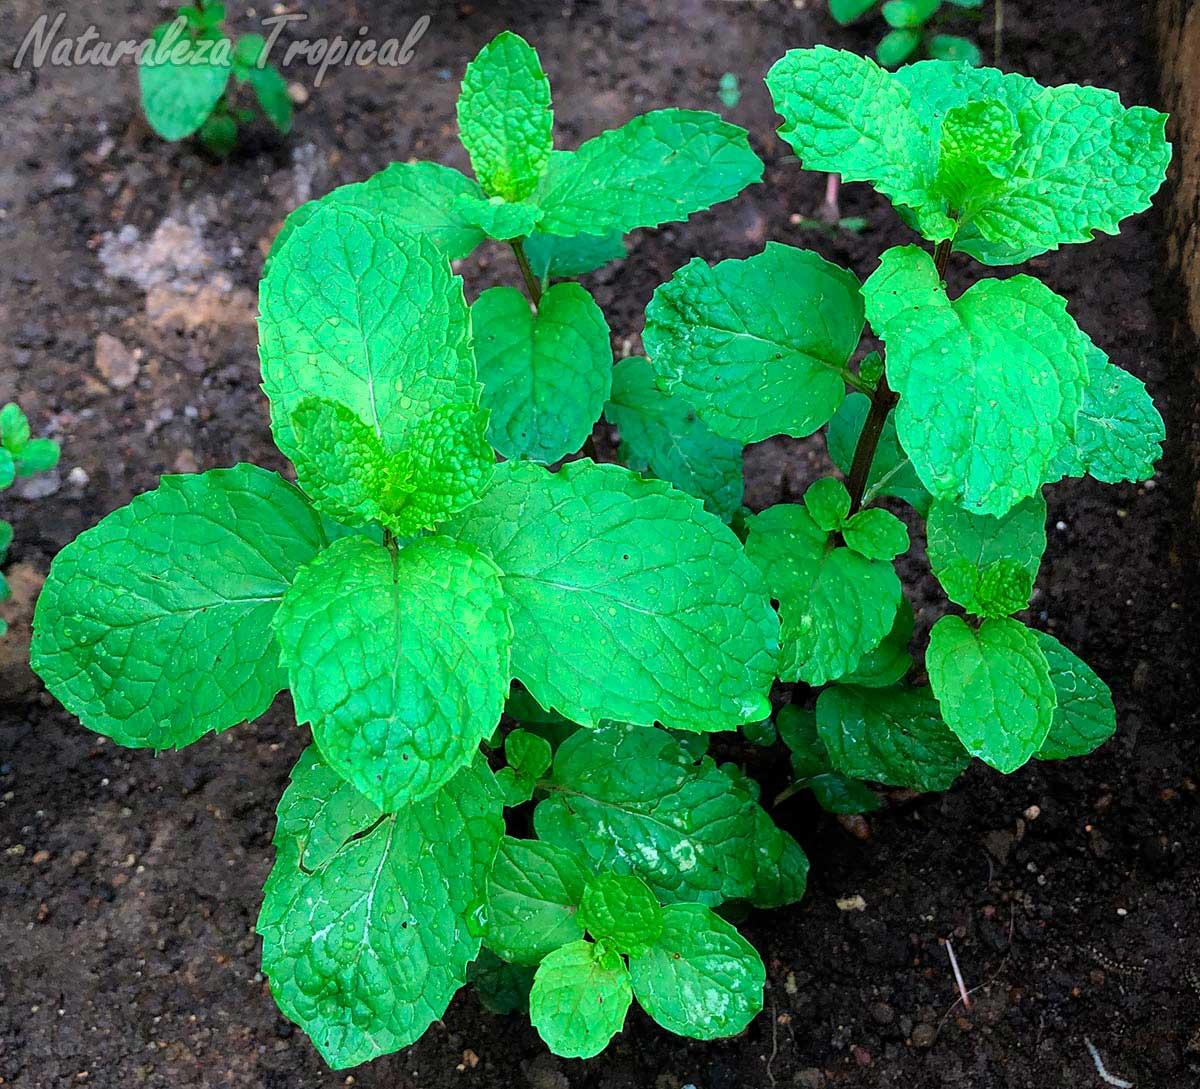 Vista de la planta conocida como Hierbabuena, Mentha spicata